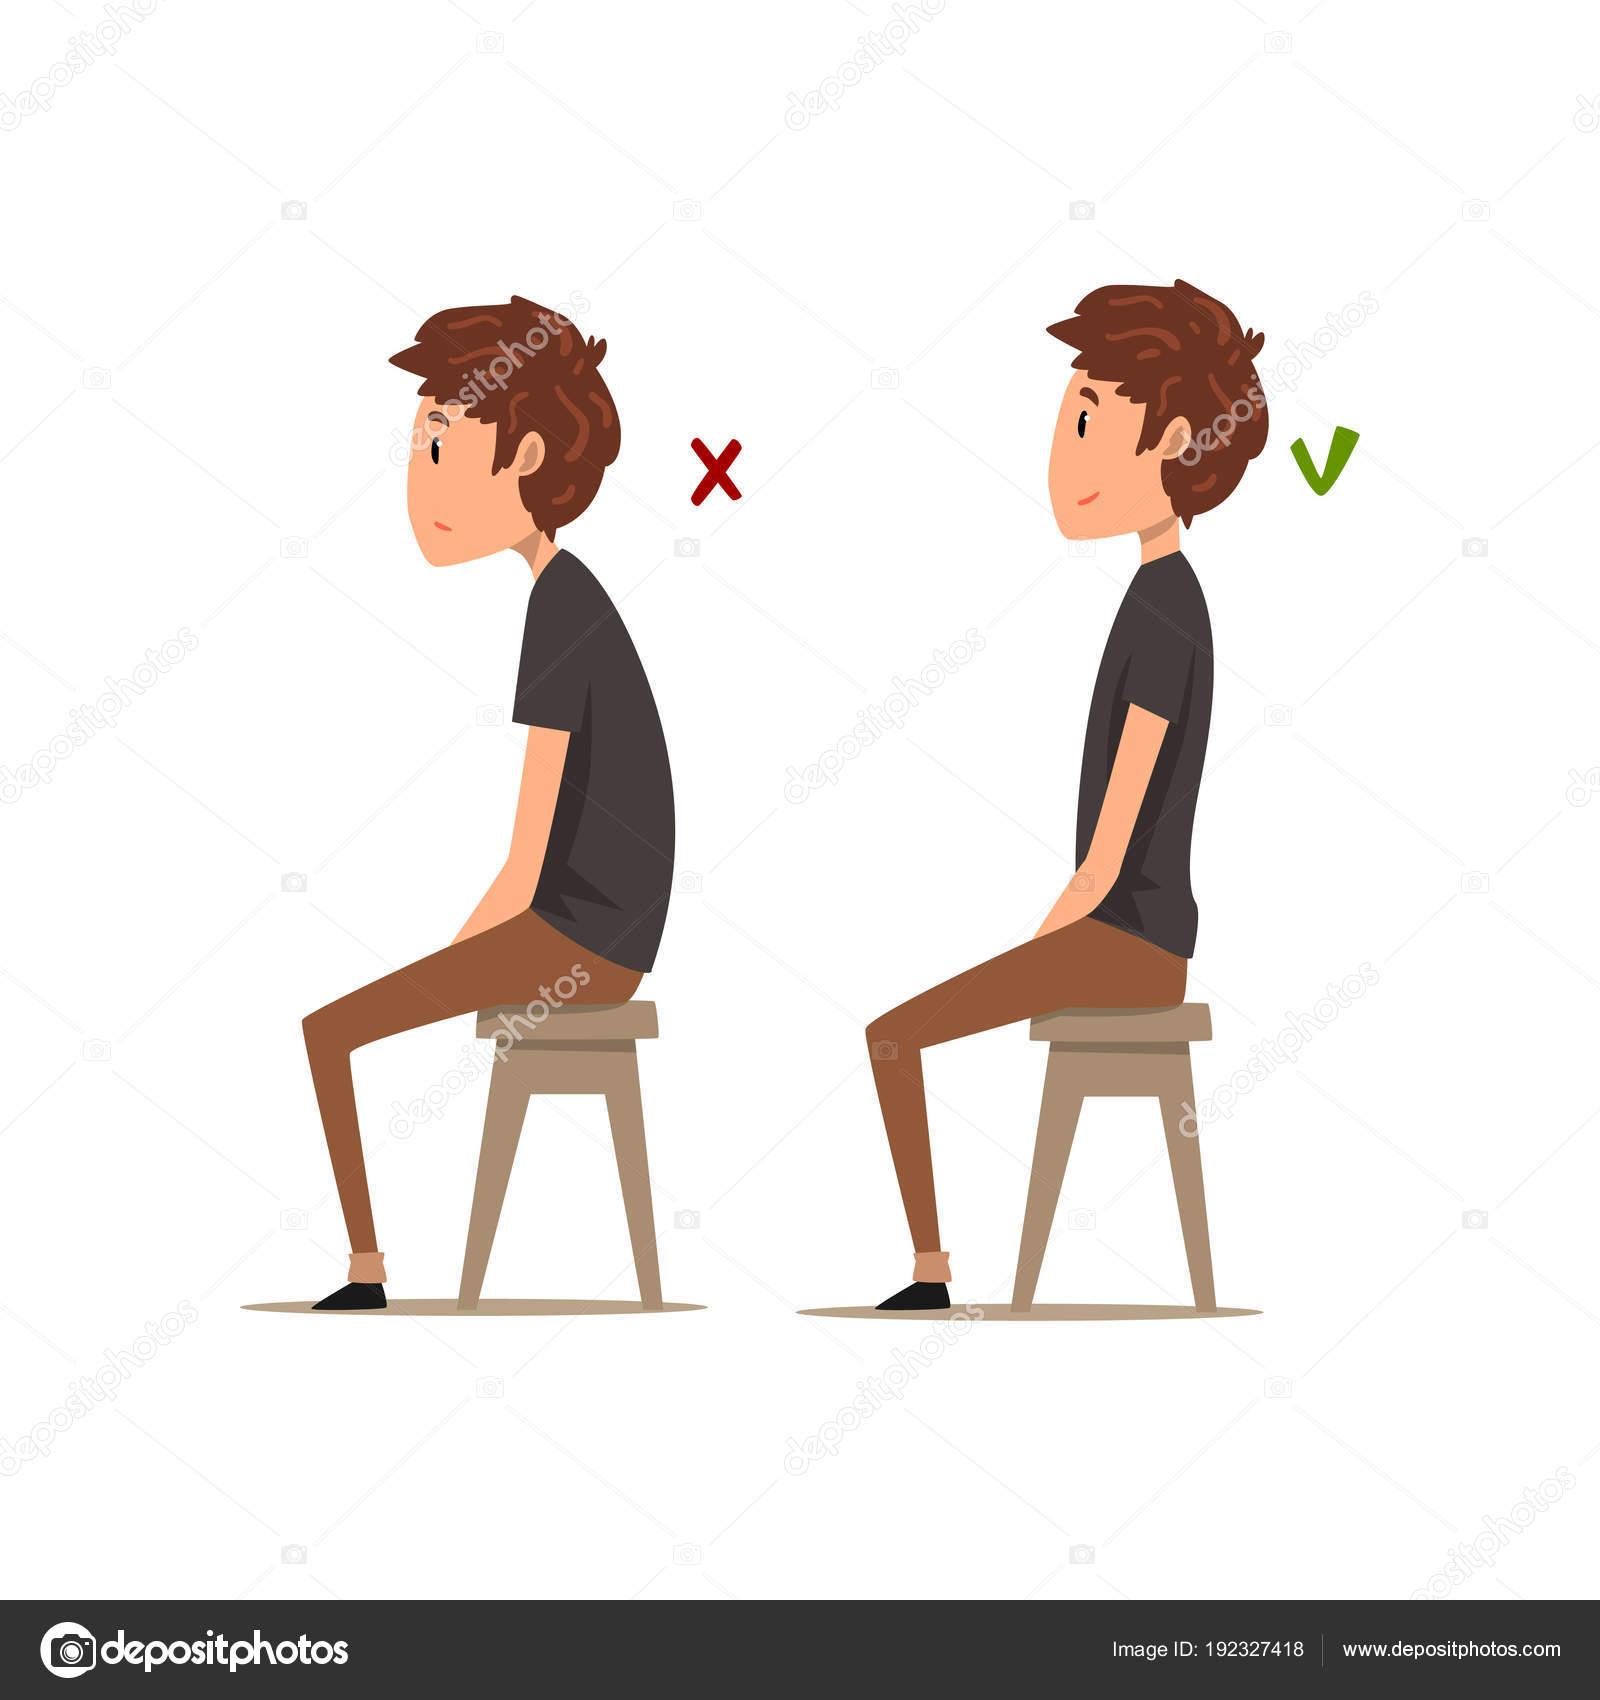 zum sitzen elegant intex faltbare zum sitzen oder liegen with zum sitzen free zum sitzen. Black Bedroom Furniture Sets. Home Design Ideas